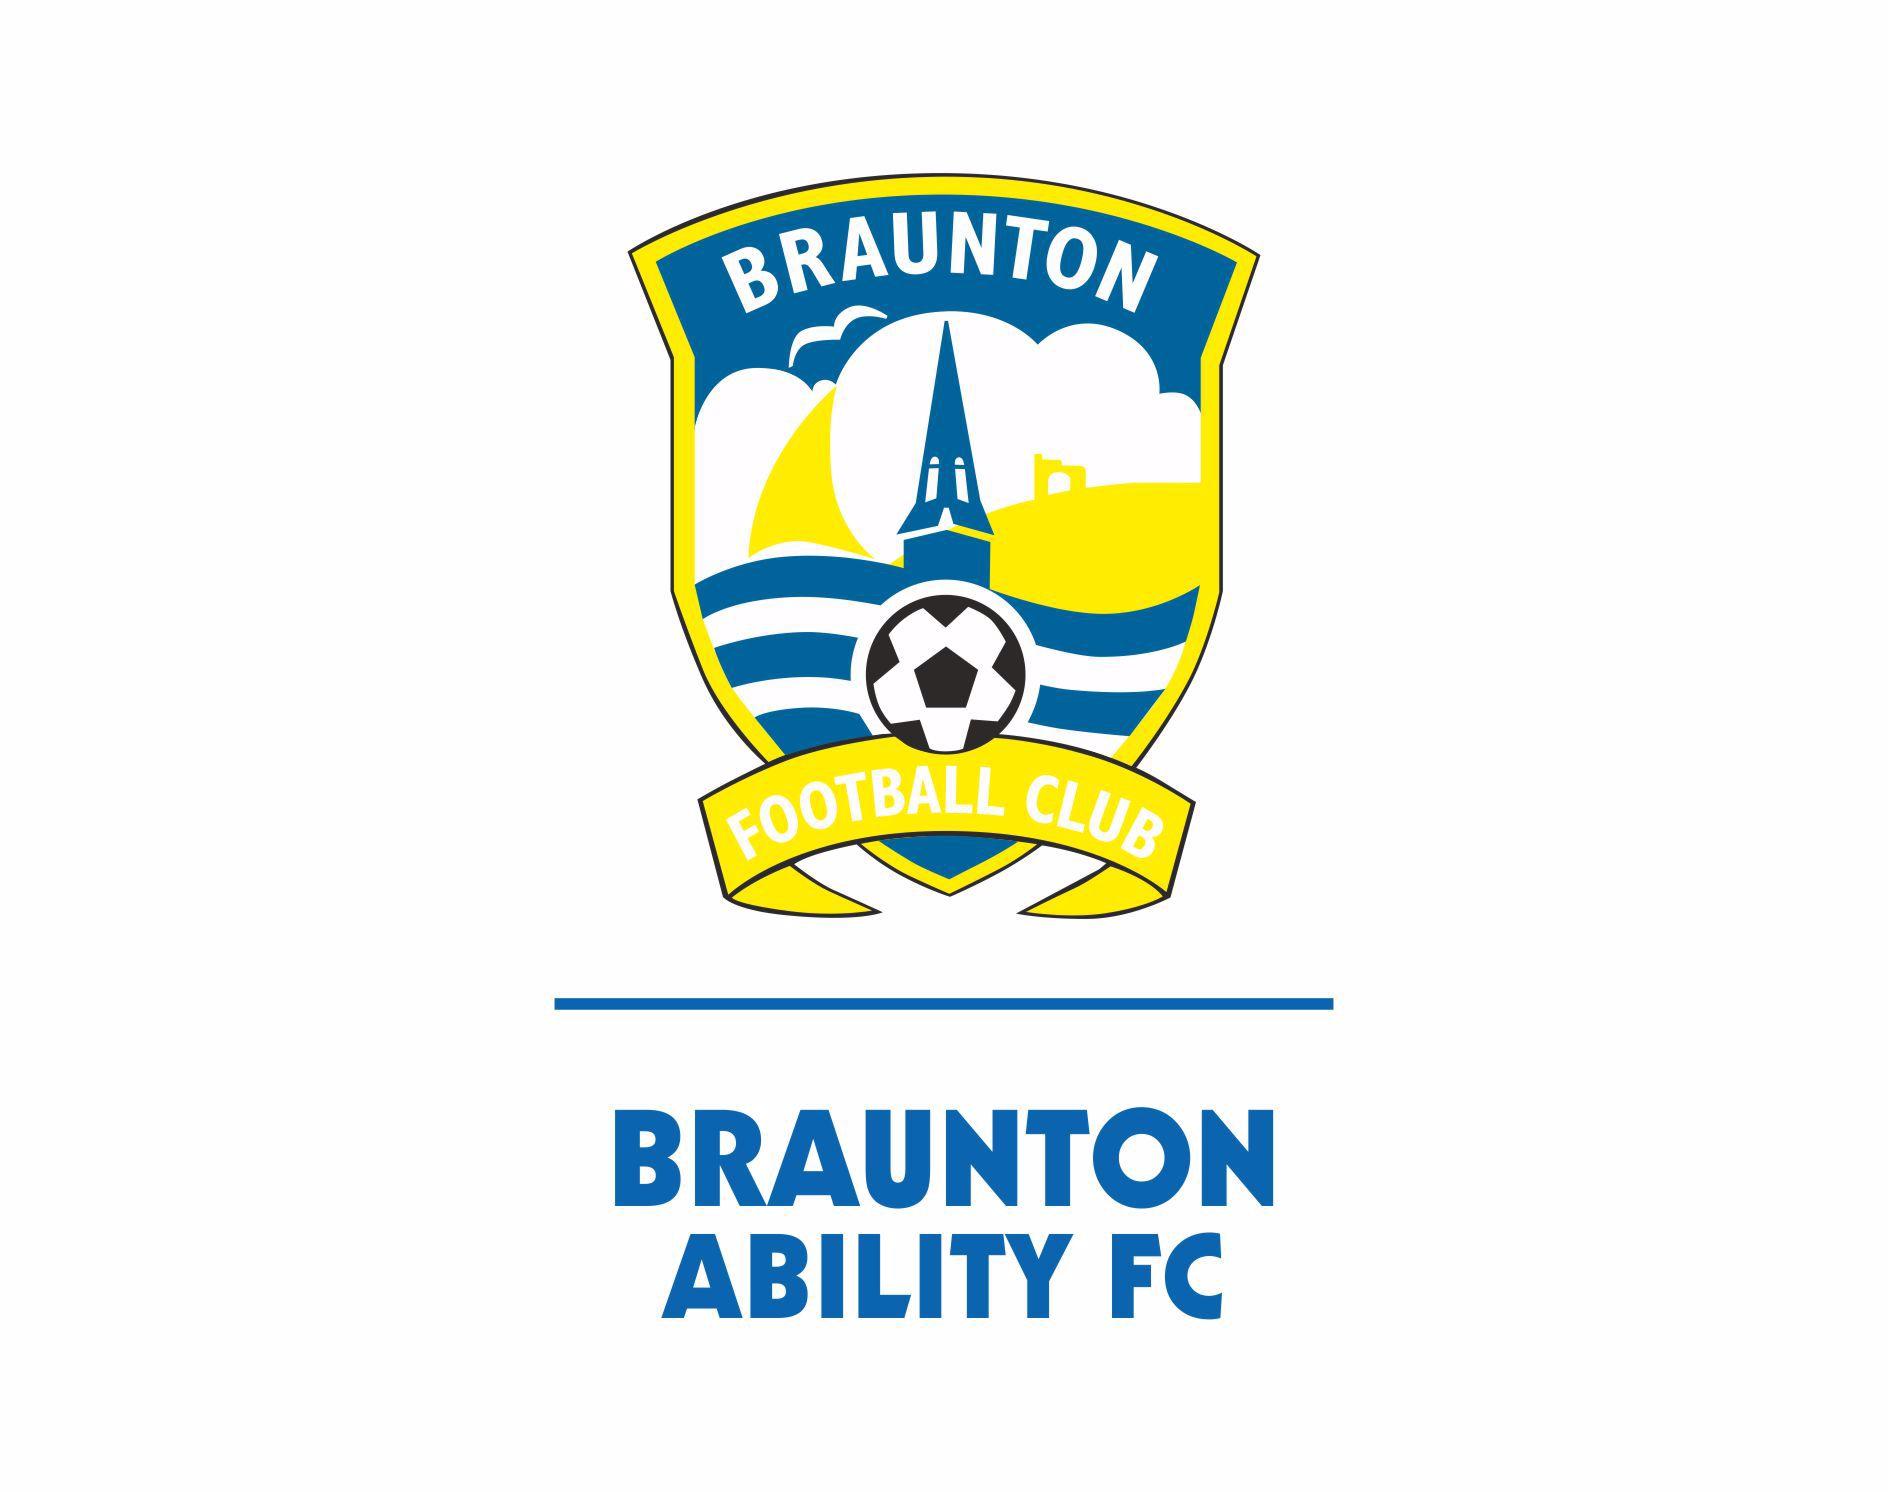 Club Image for Braunton Ability FC